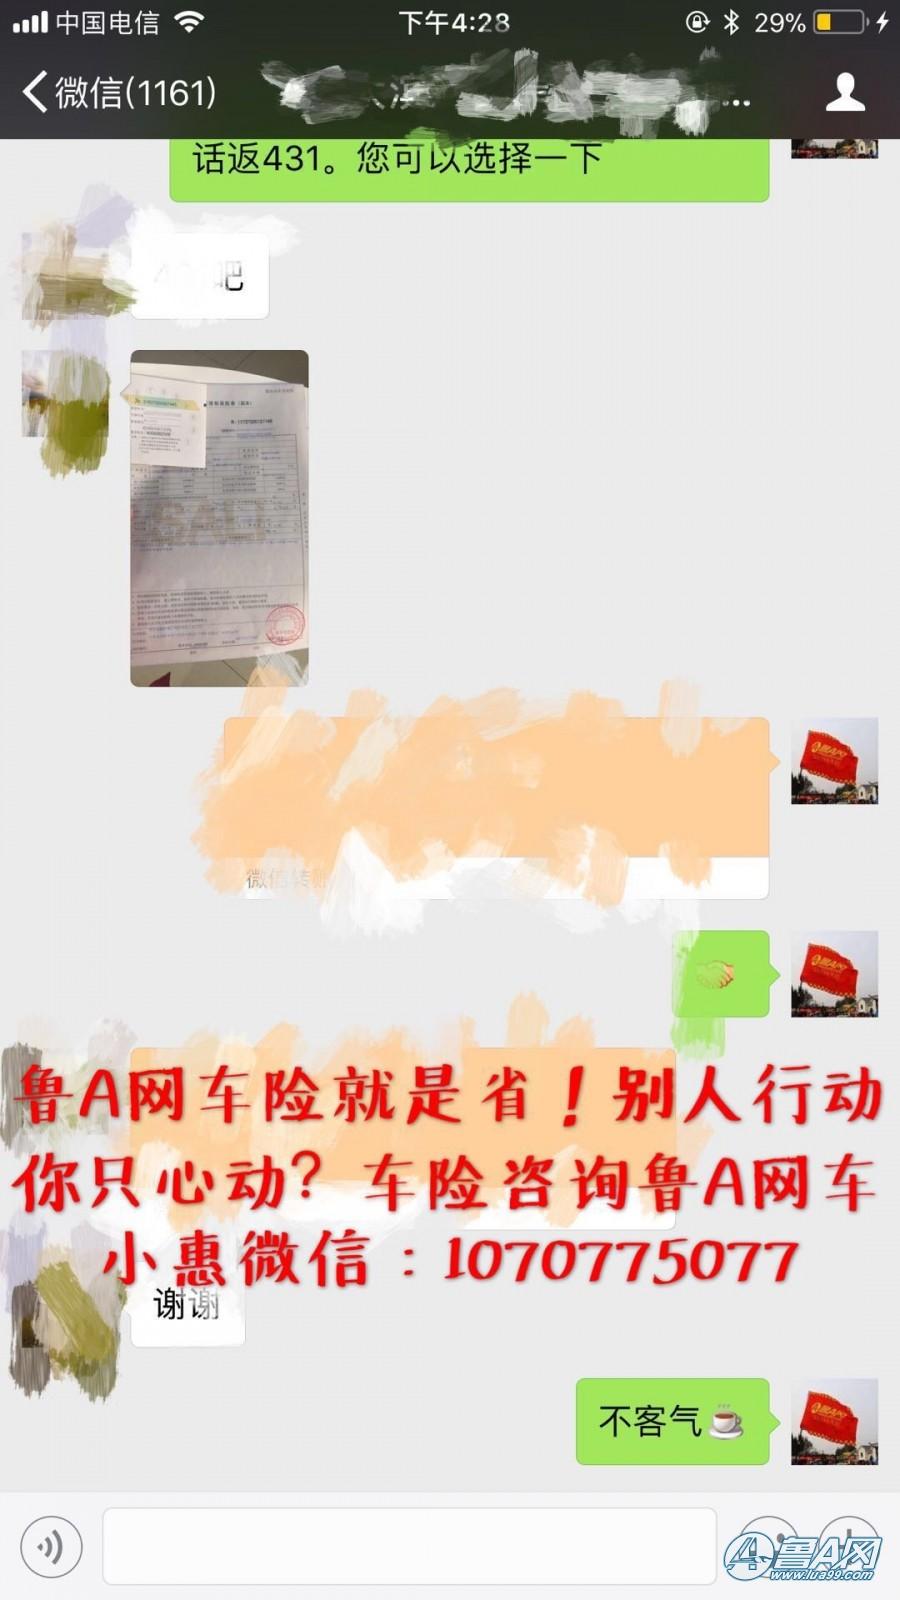 微信图片_20171226165300.jpg